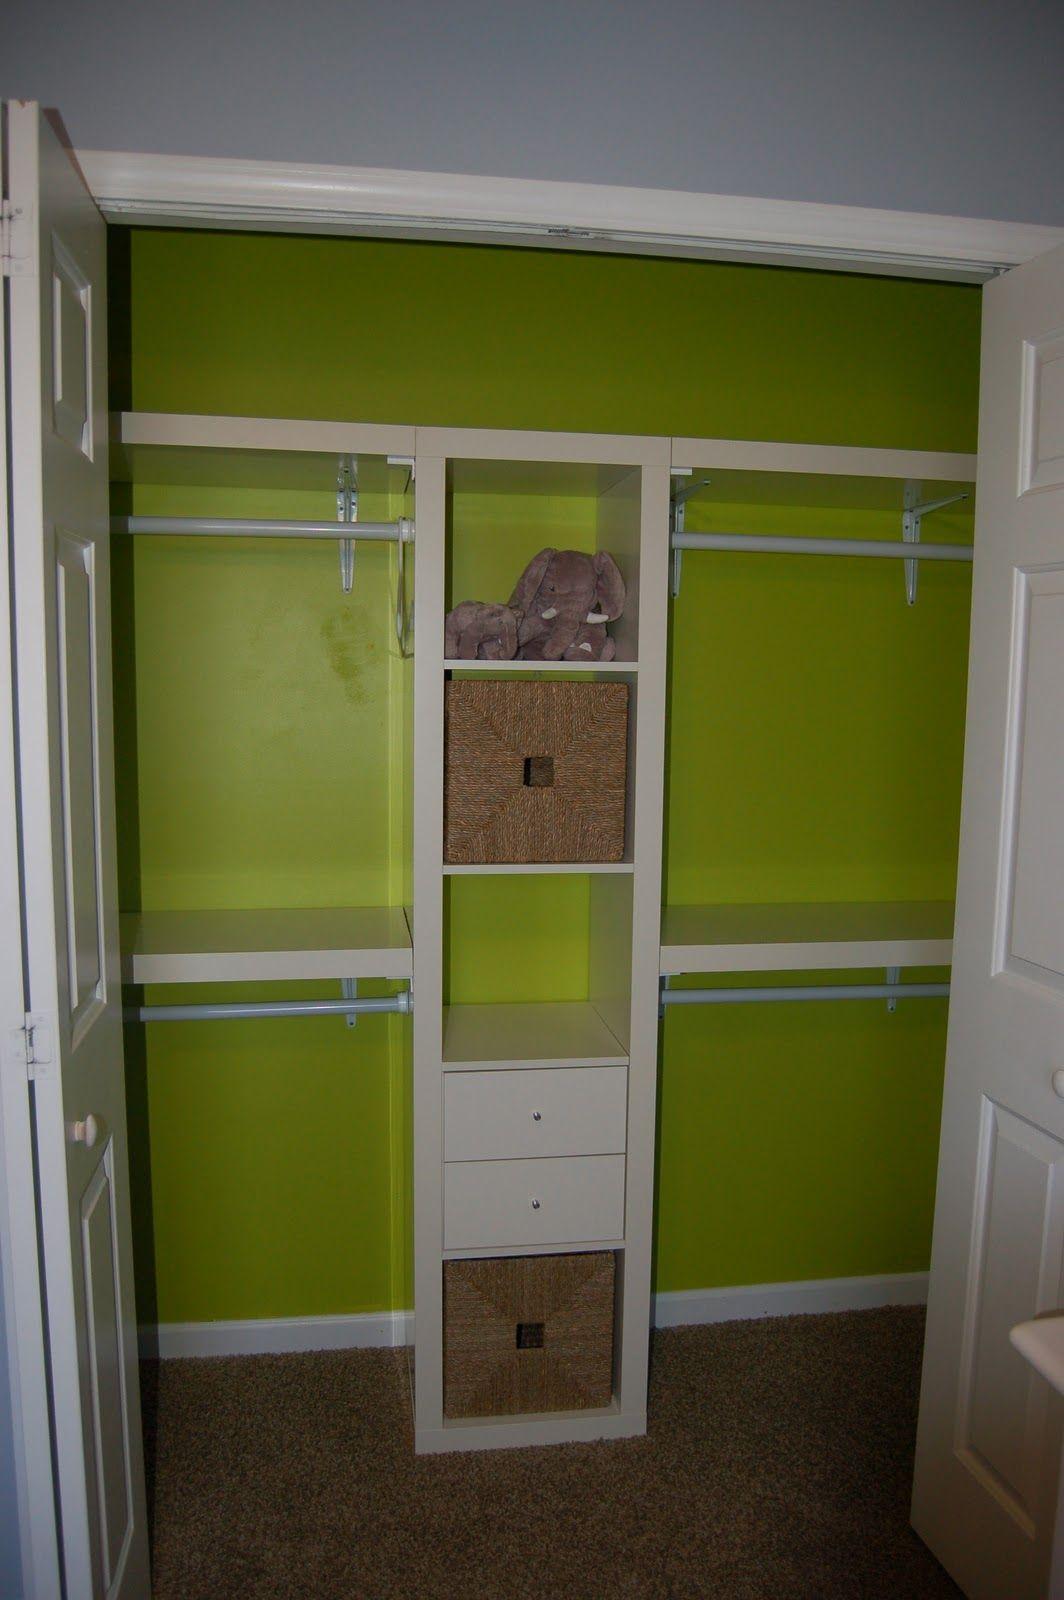 Nursery Closet Looks Like Expedit Shelving Ikea Wall Mounted